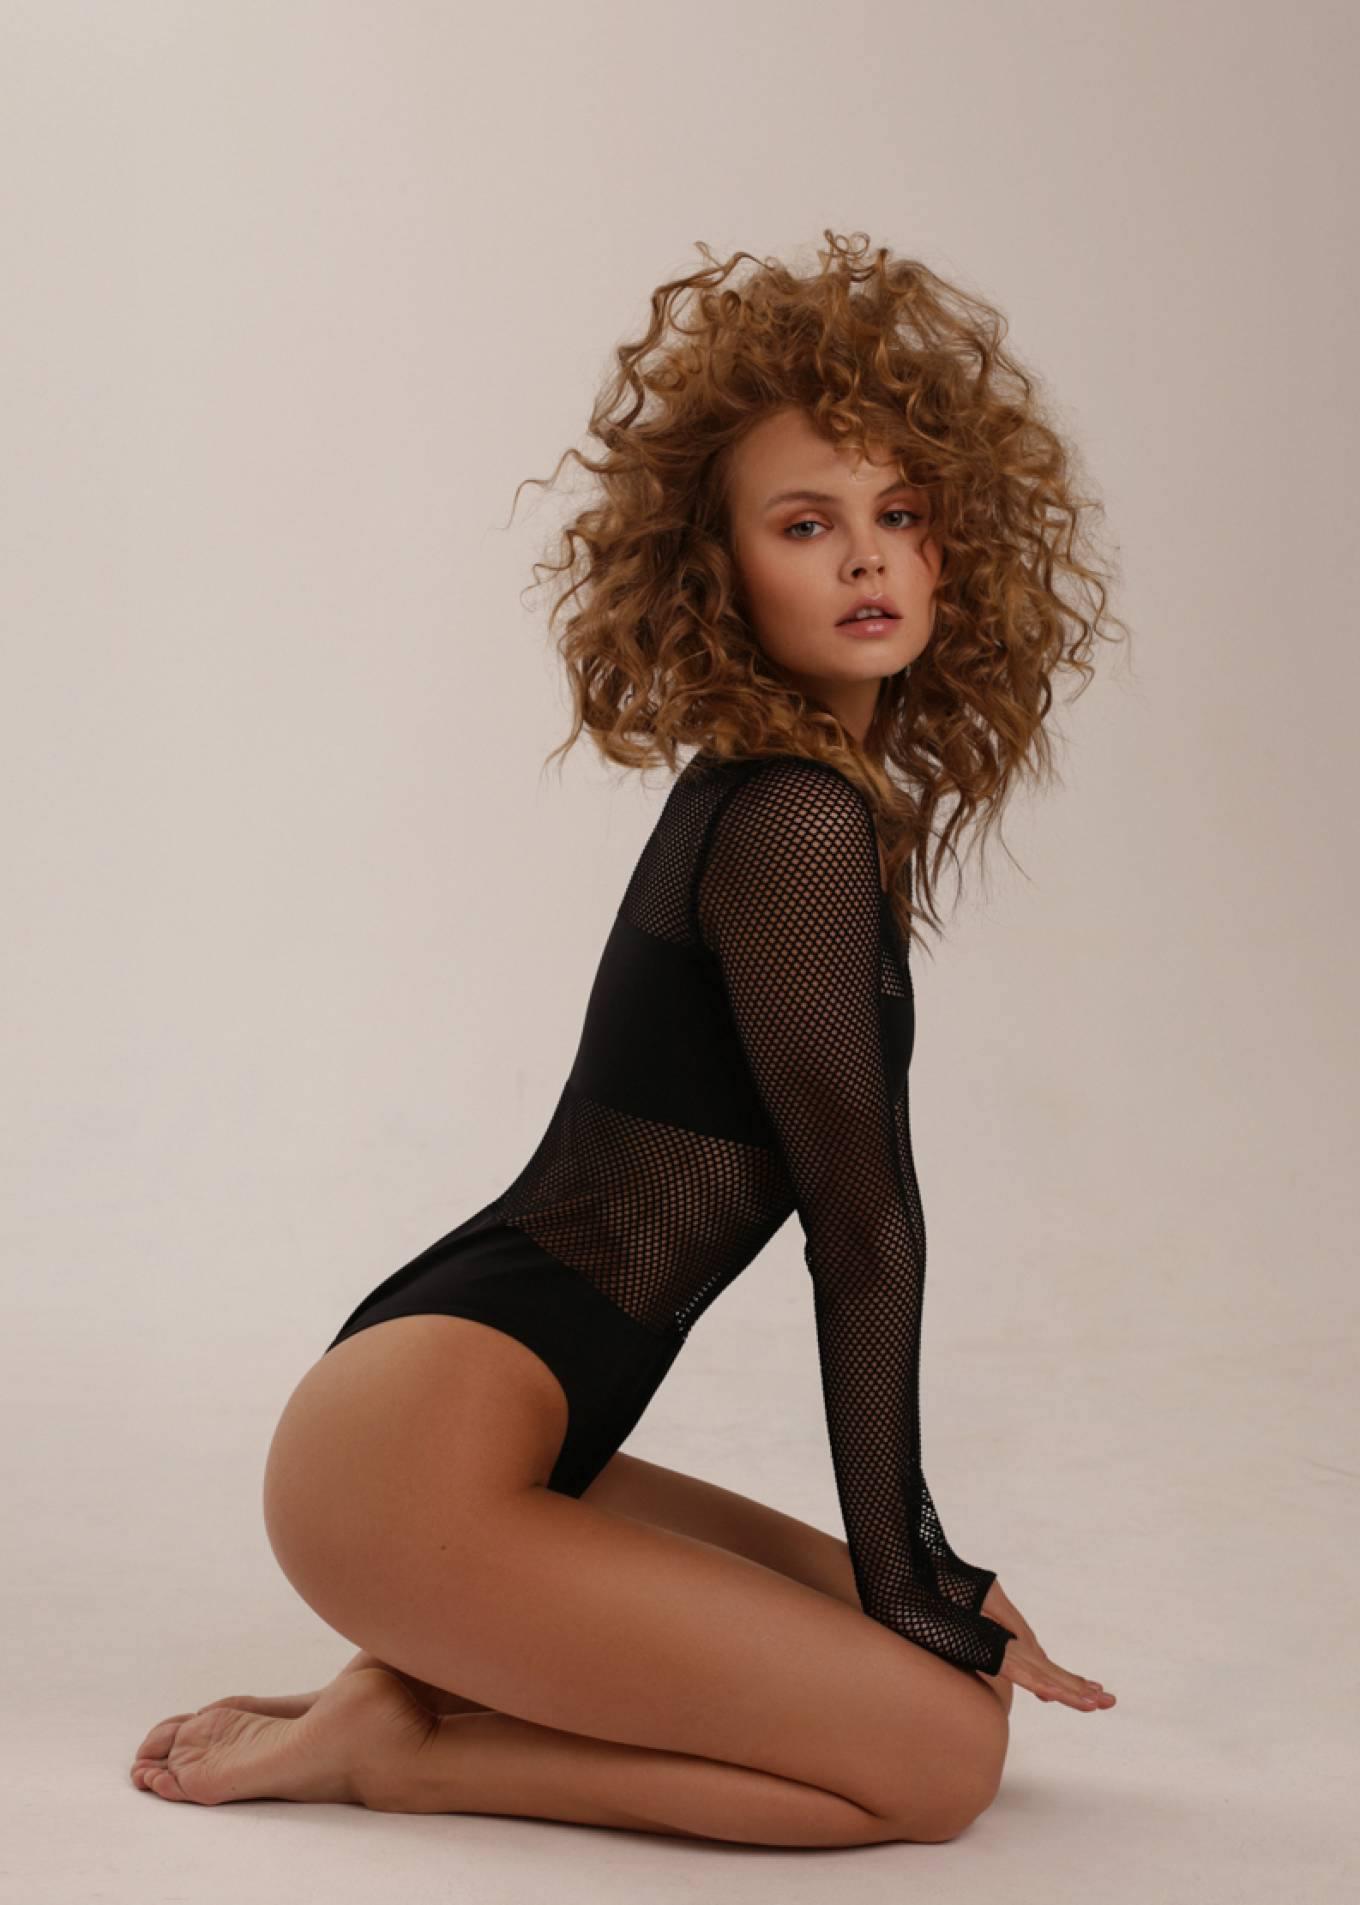 Anastasiya Scheglova – Sexy Body In Beautiful Photoshoot By Tonya Kochneva 0005